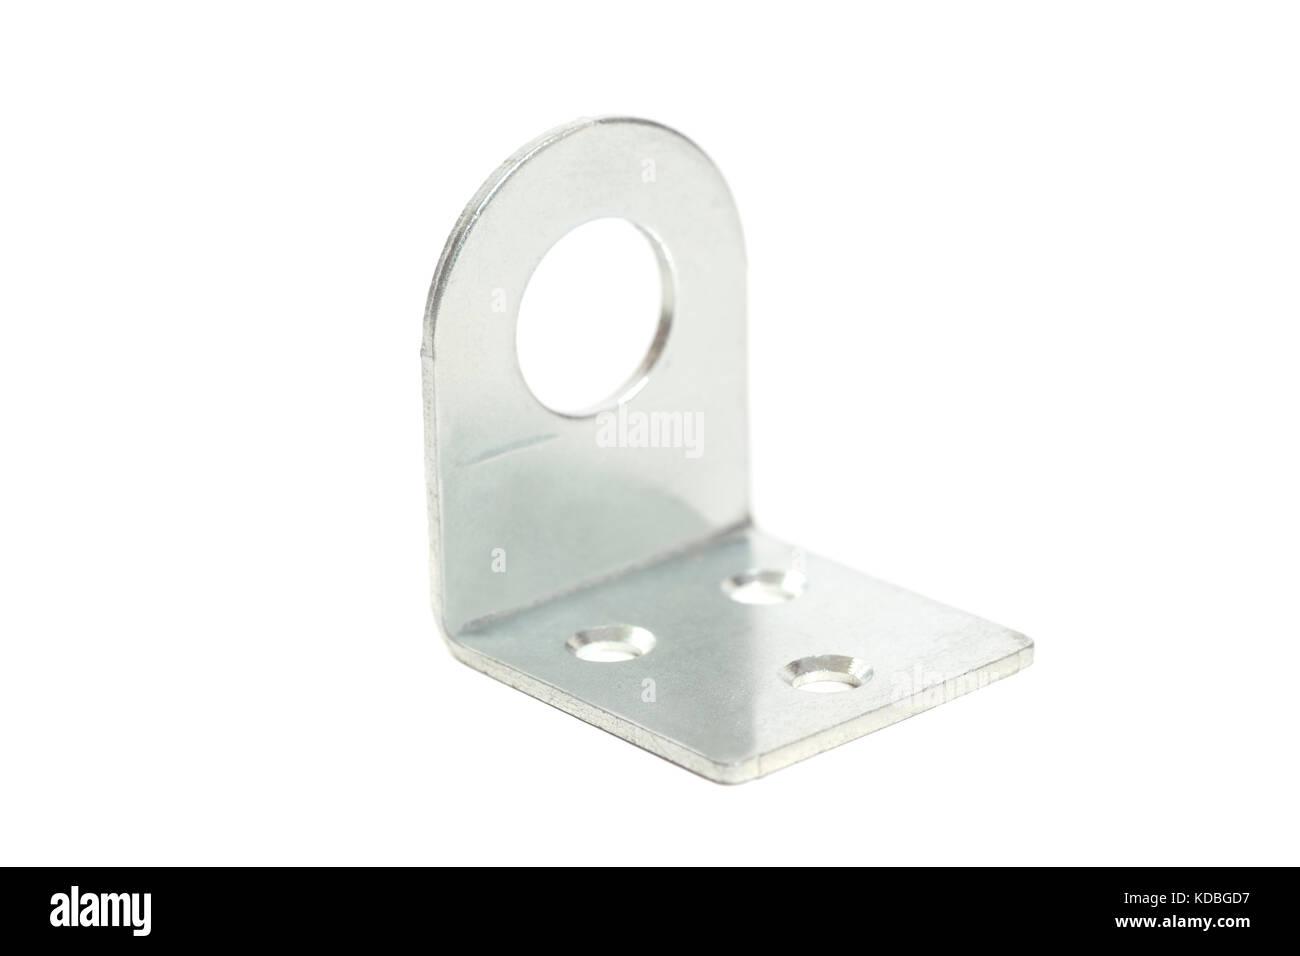 Metal corner bracket isolated on white background - Stock Image